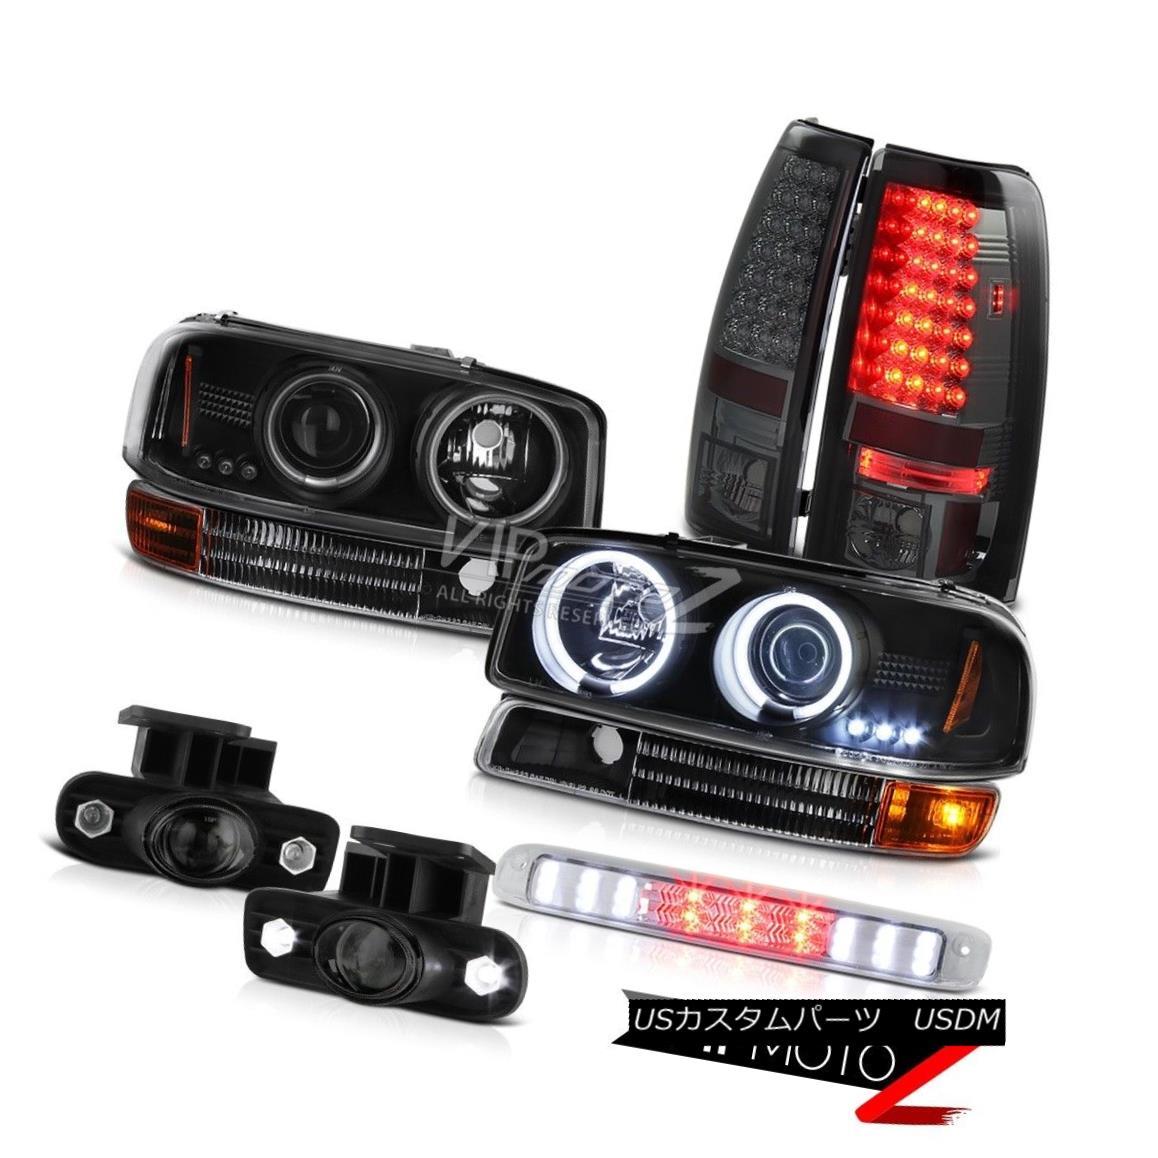 ヘッドライト Black CCFL Ring Headlights Tail Light Foglight High Stop LED Chrome 99-02 Sierra ブラックCCFLリングヘッドライトテールライトFoglightハイストップLED Chrome 99-02 Sierra